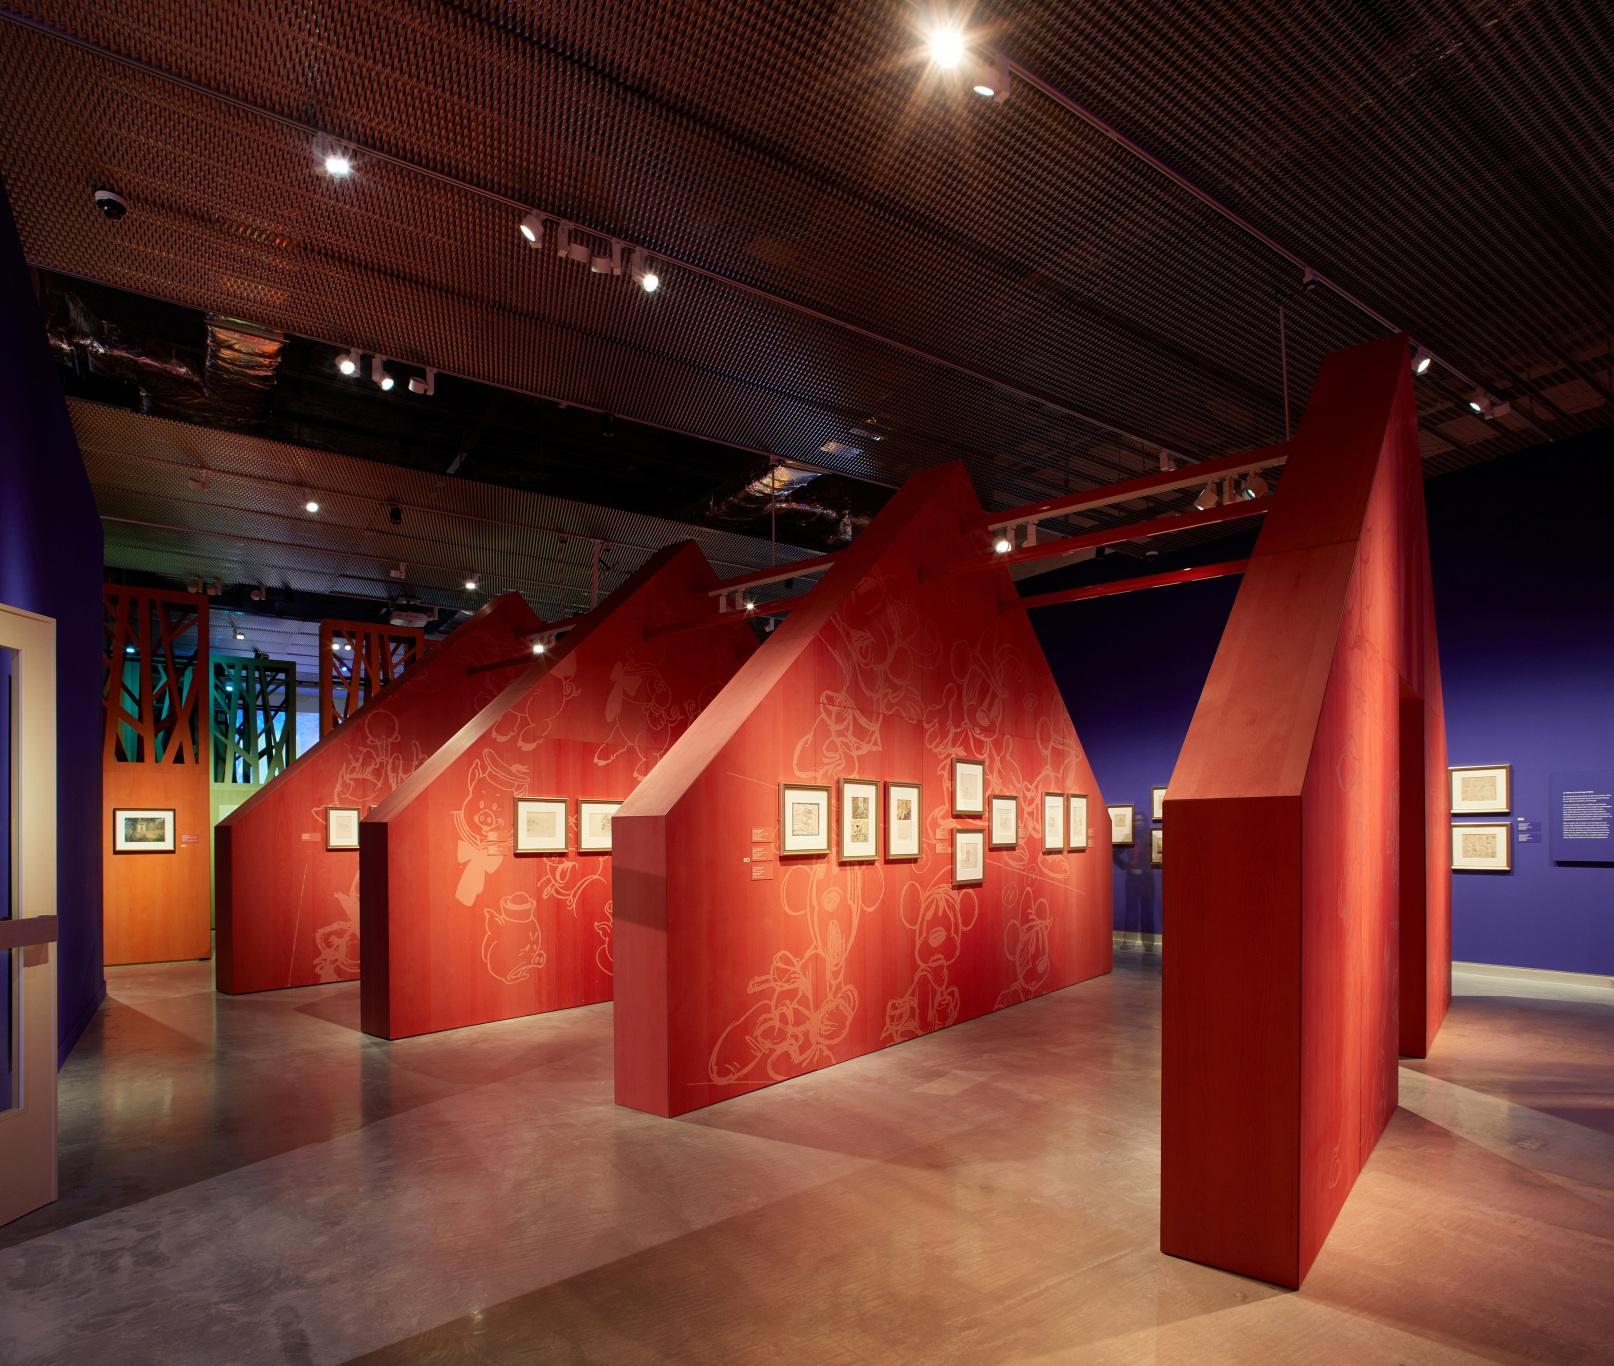 Exposición sobre Walt Disney. Cabaña roja de Los tres cerditos.